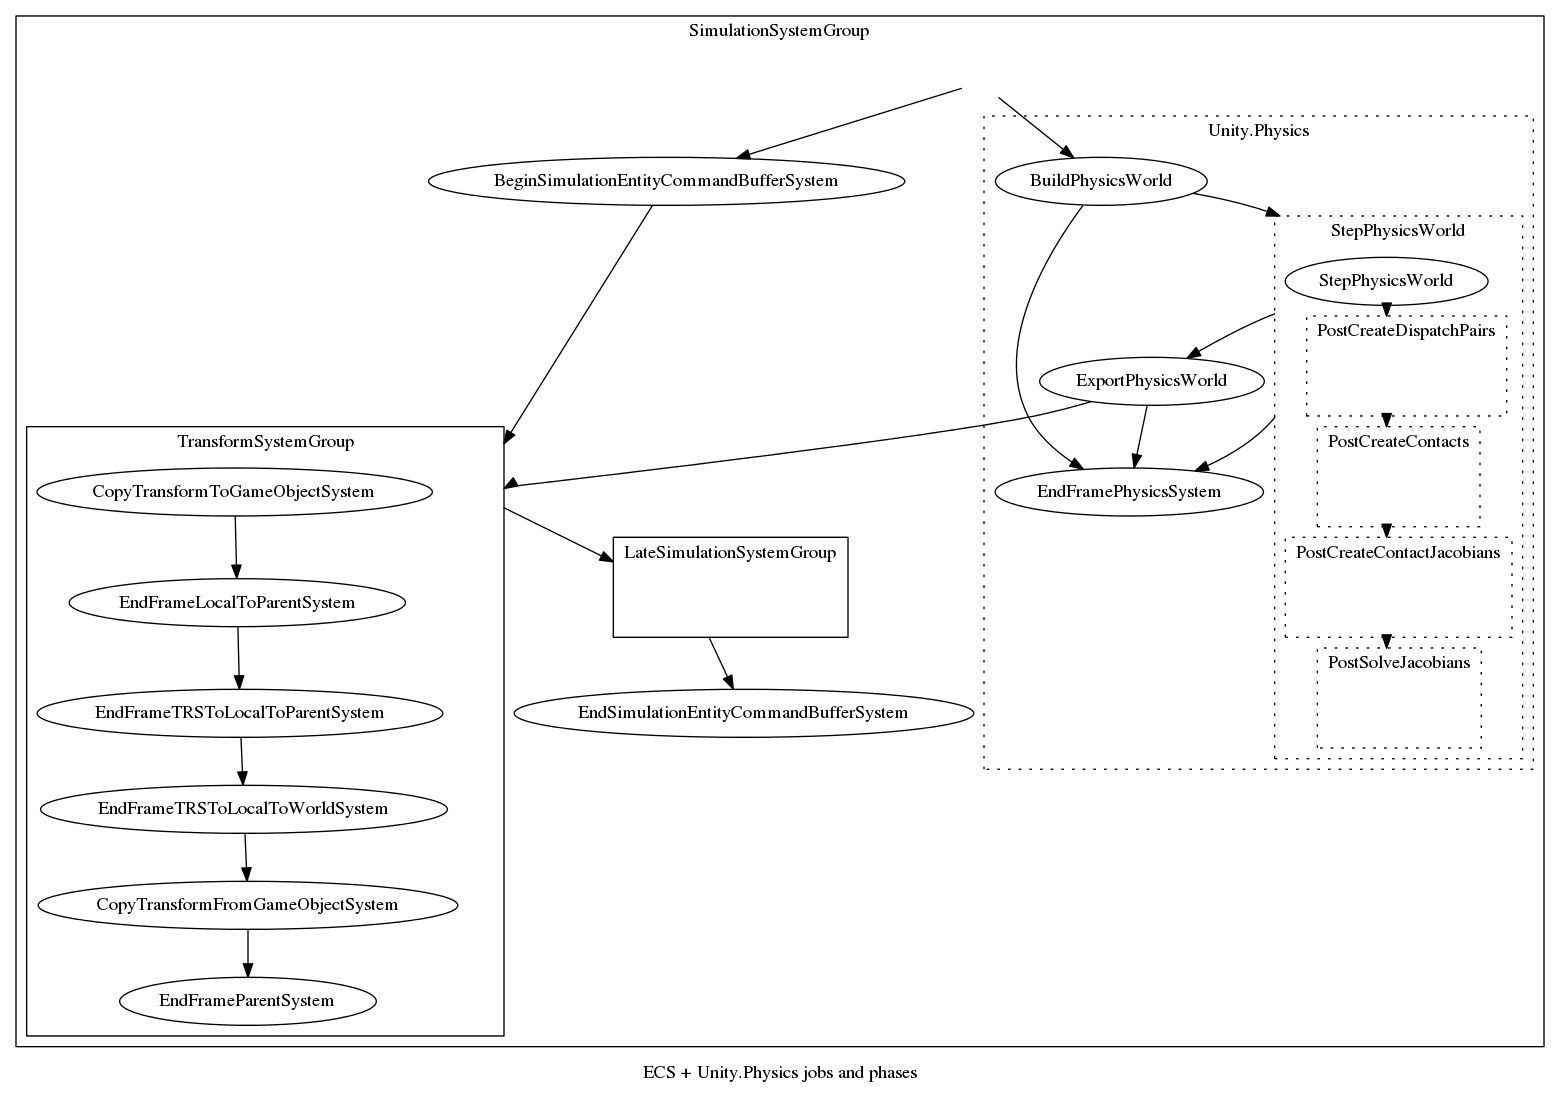 ECS & Unity Physics order diagram - Connect the Unity (ECS